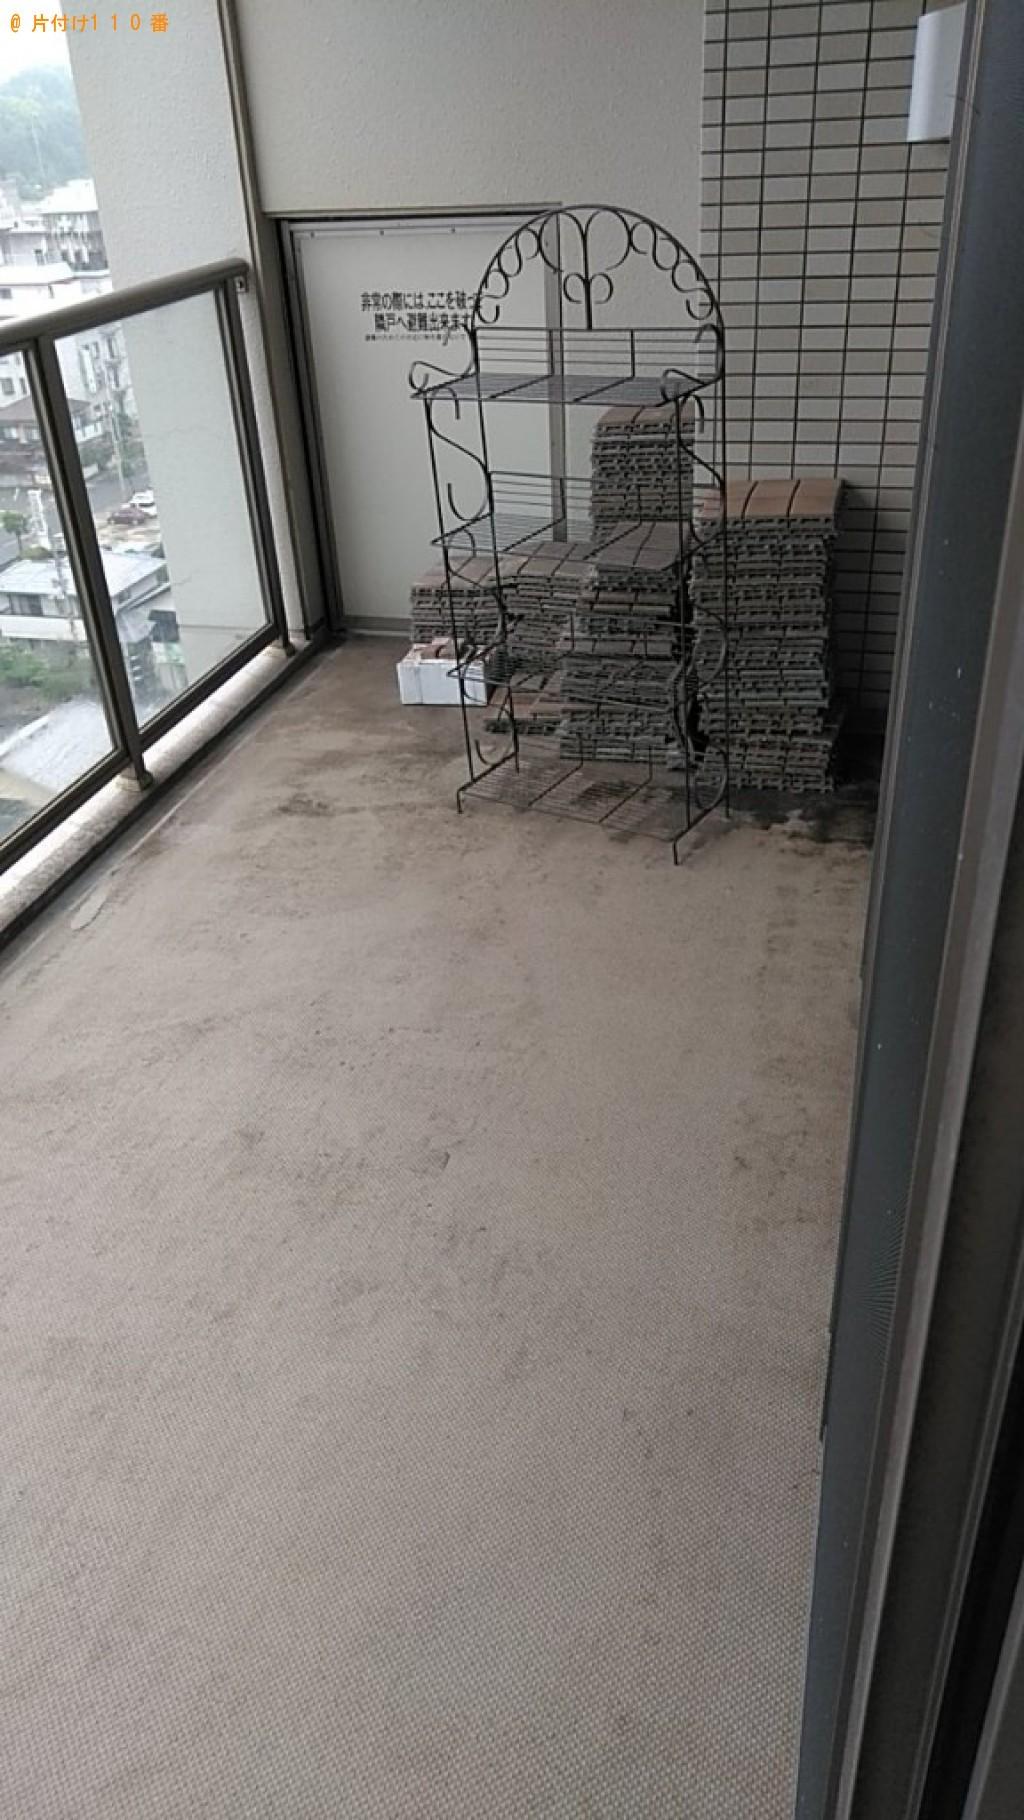 【福井市】床に敷き詰めるパネル、金属製ラックの回収・処分ご依頼